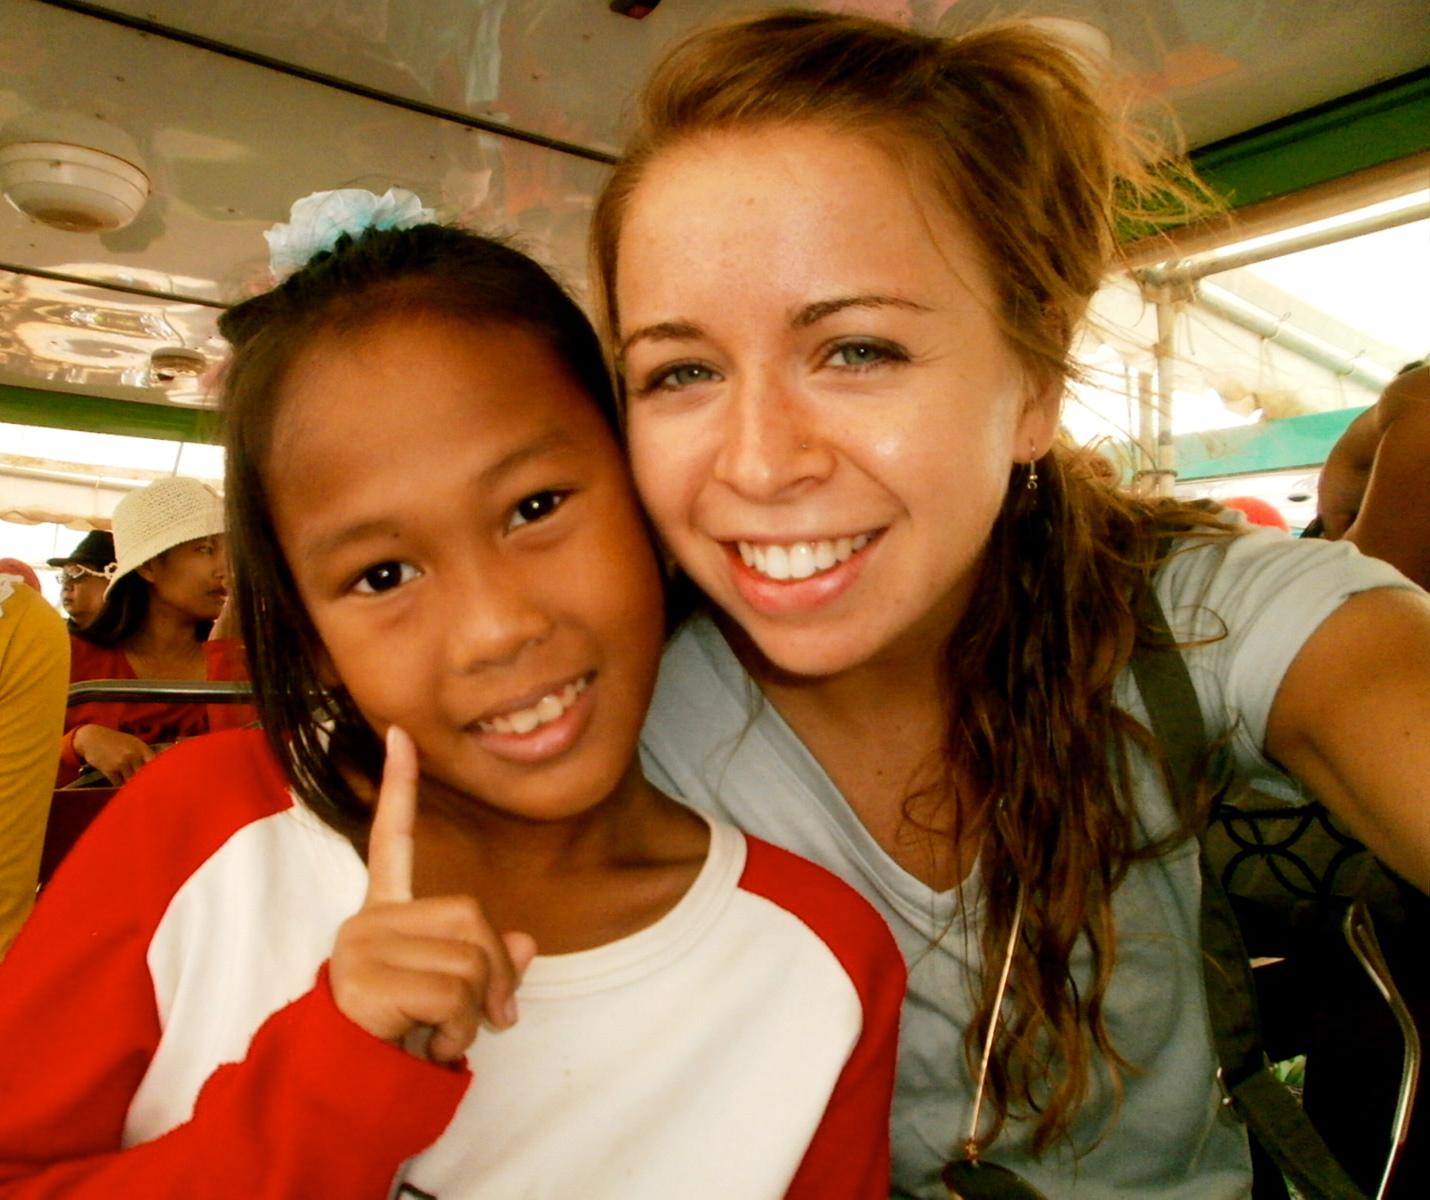 Child Prostitute&thai Prostitute Abuse